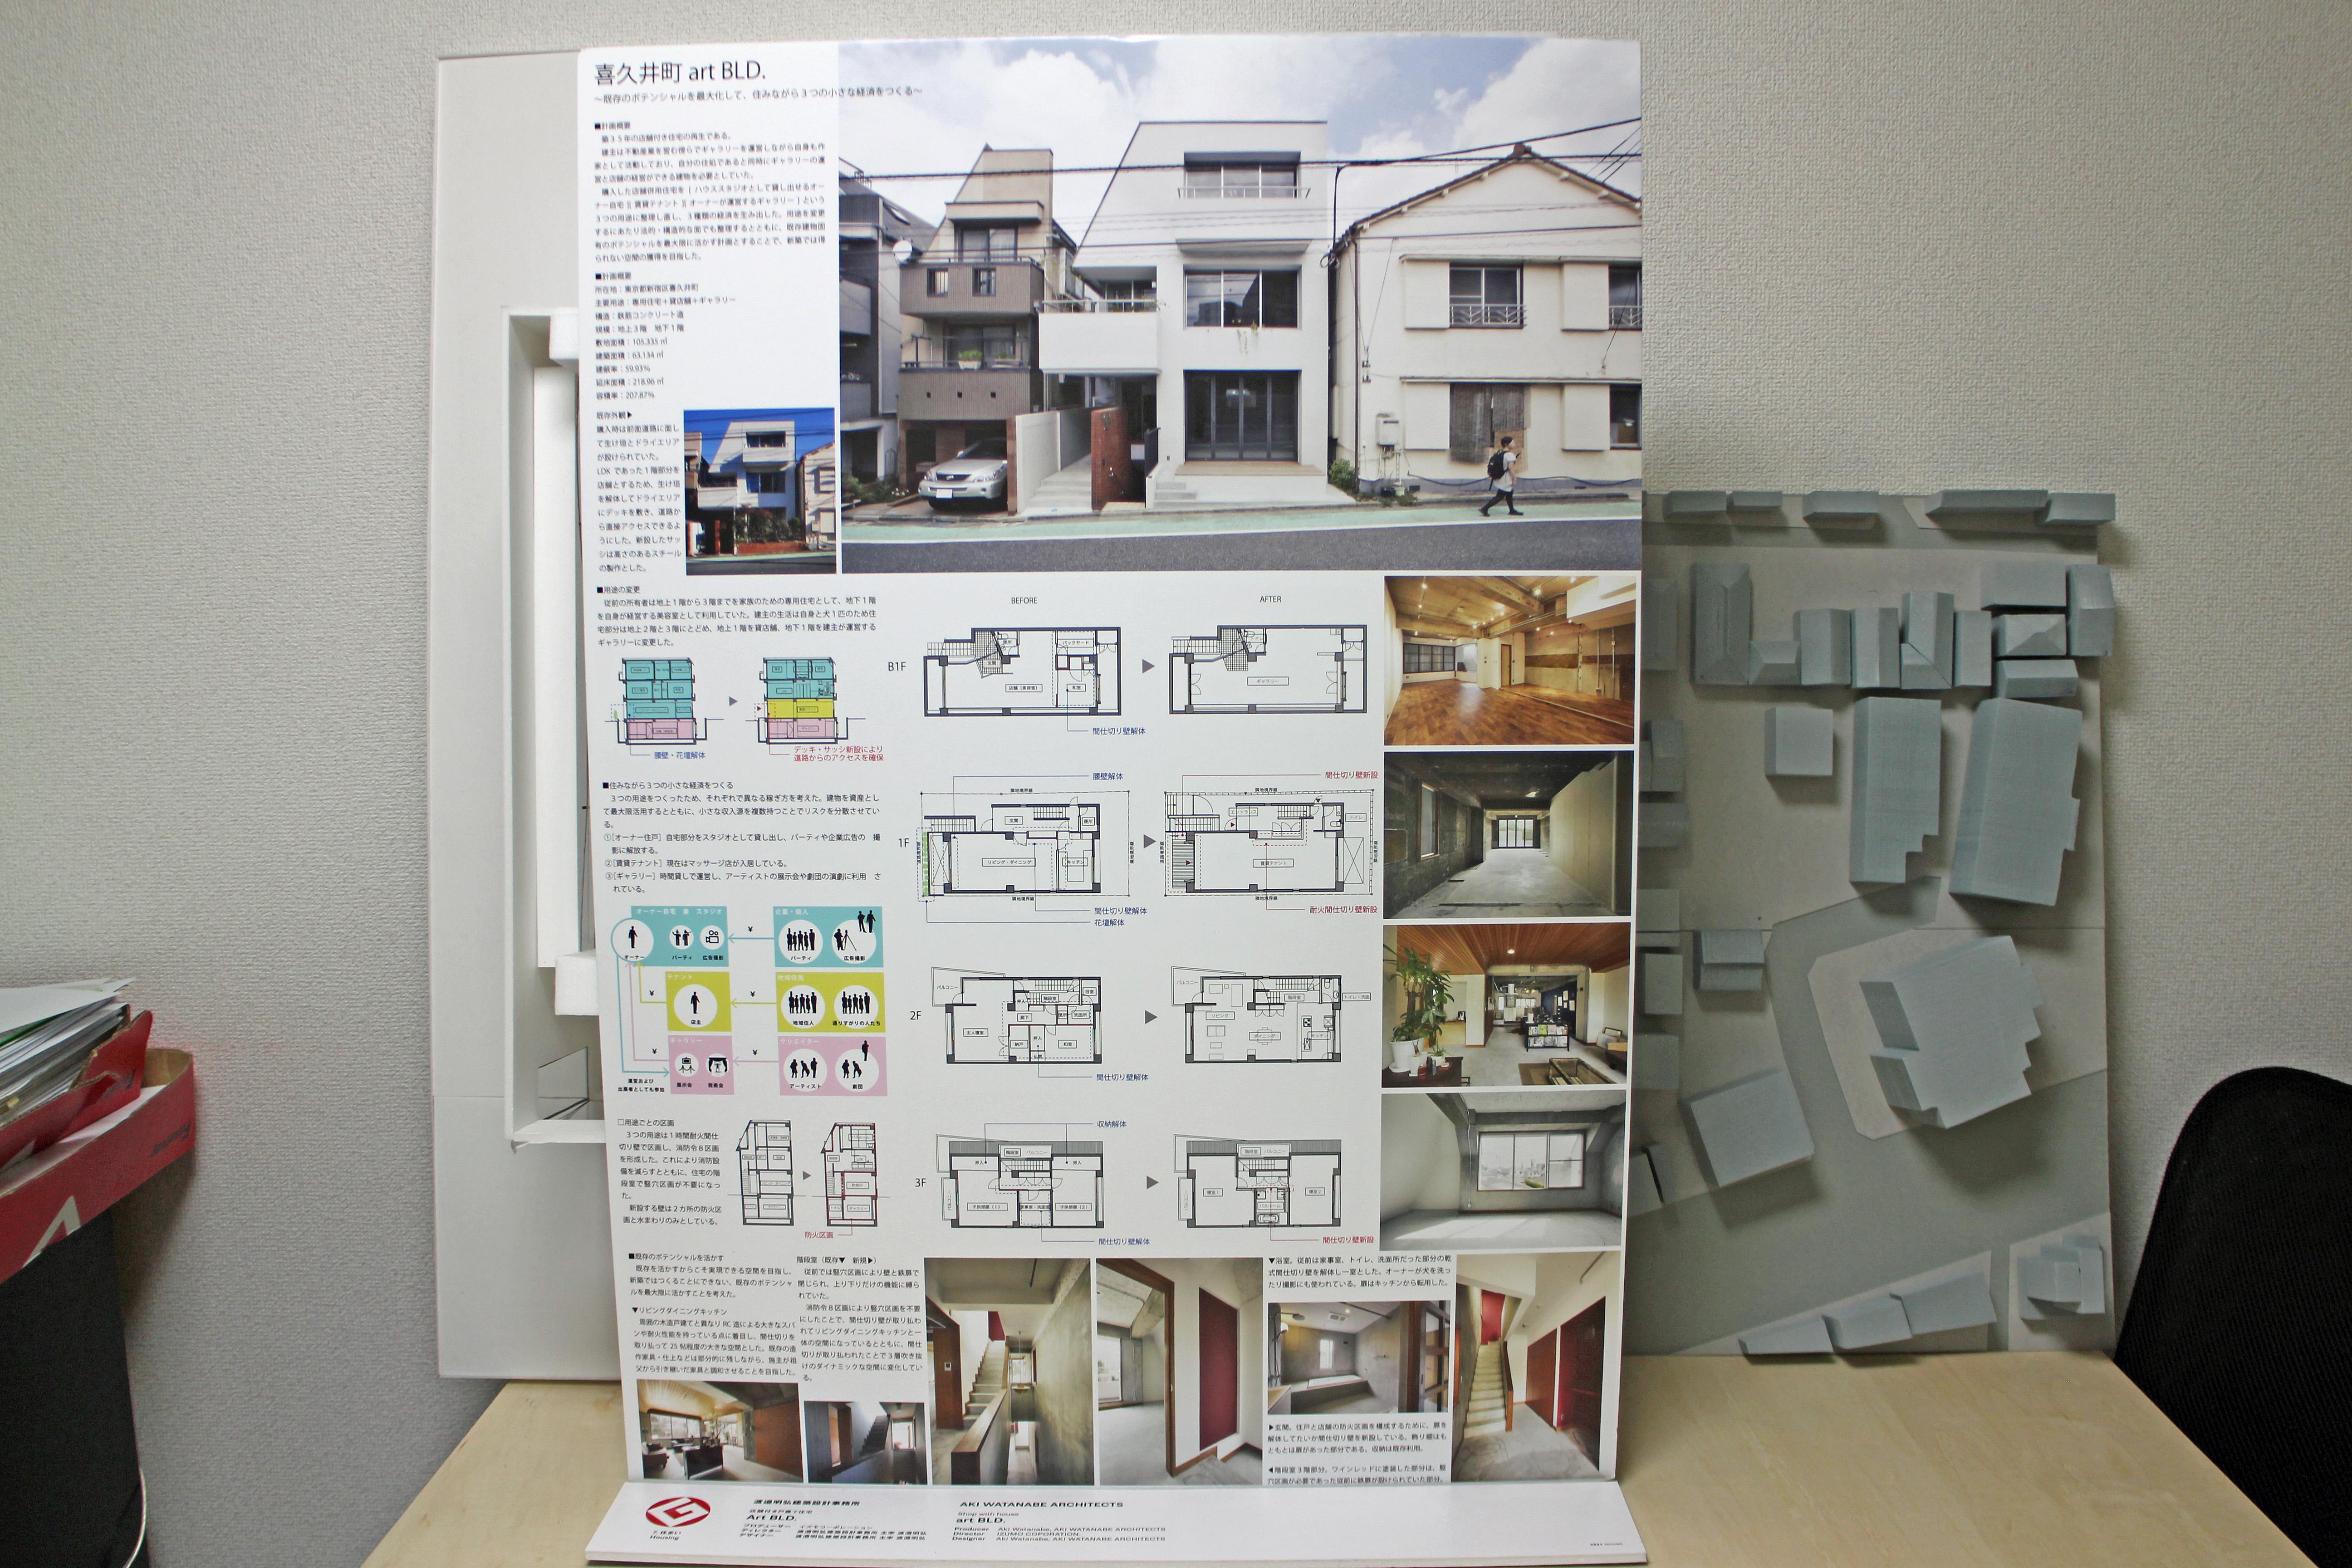 渡邉明弘建築設計事務所